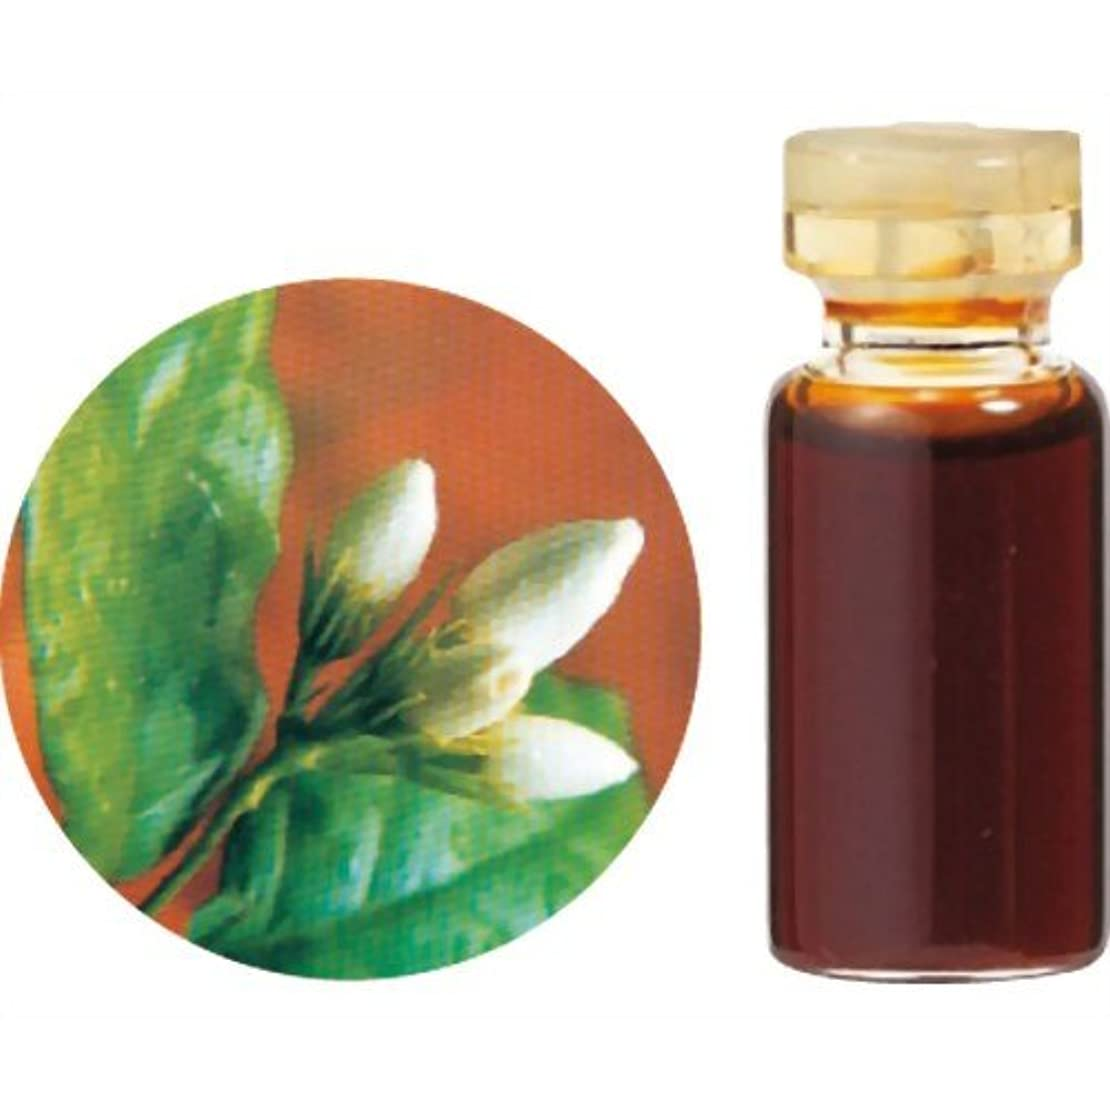 生活の木 C 花精油 ジャスミン サンバック アブソリュート エッセンシャルオイル 3ml